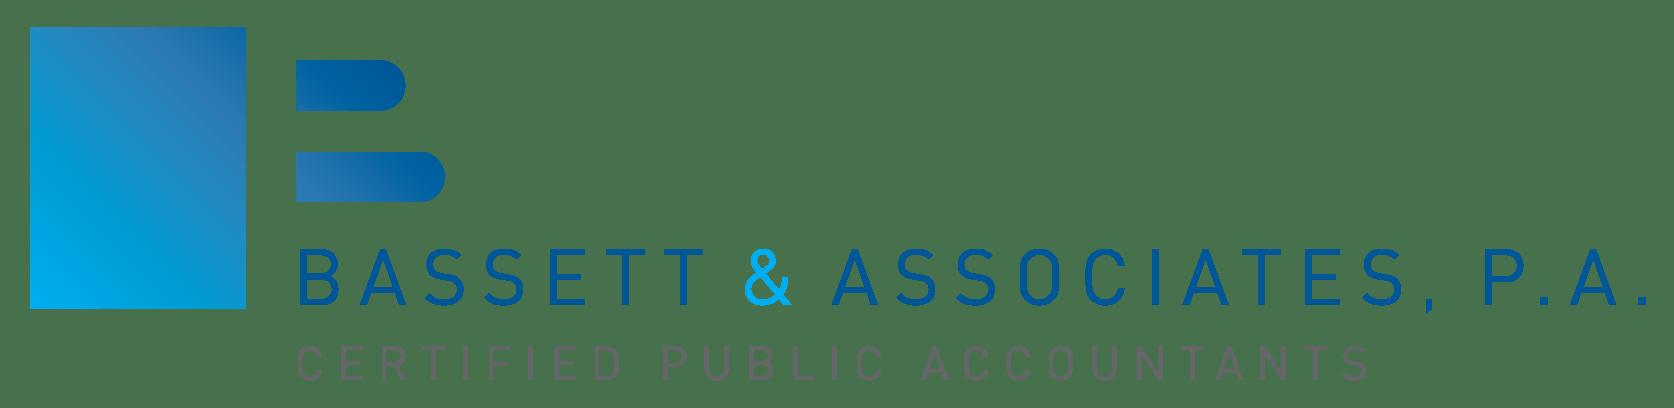 Bassett & Associates CPA